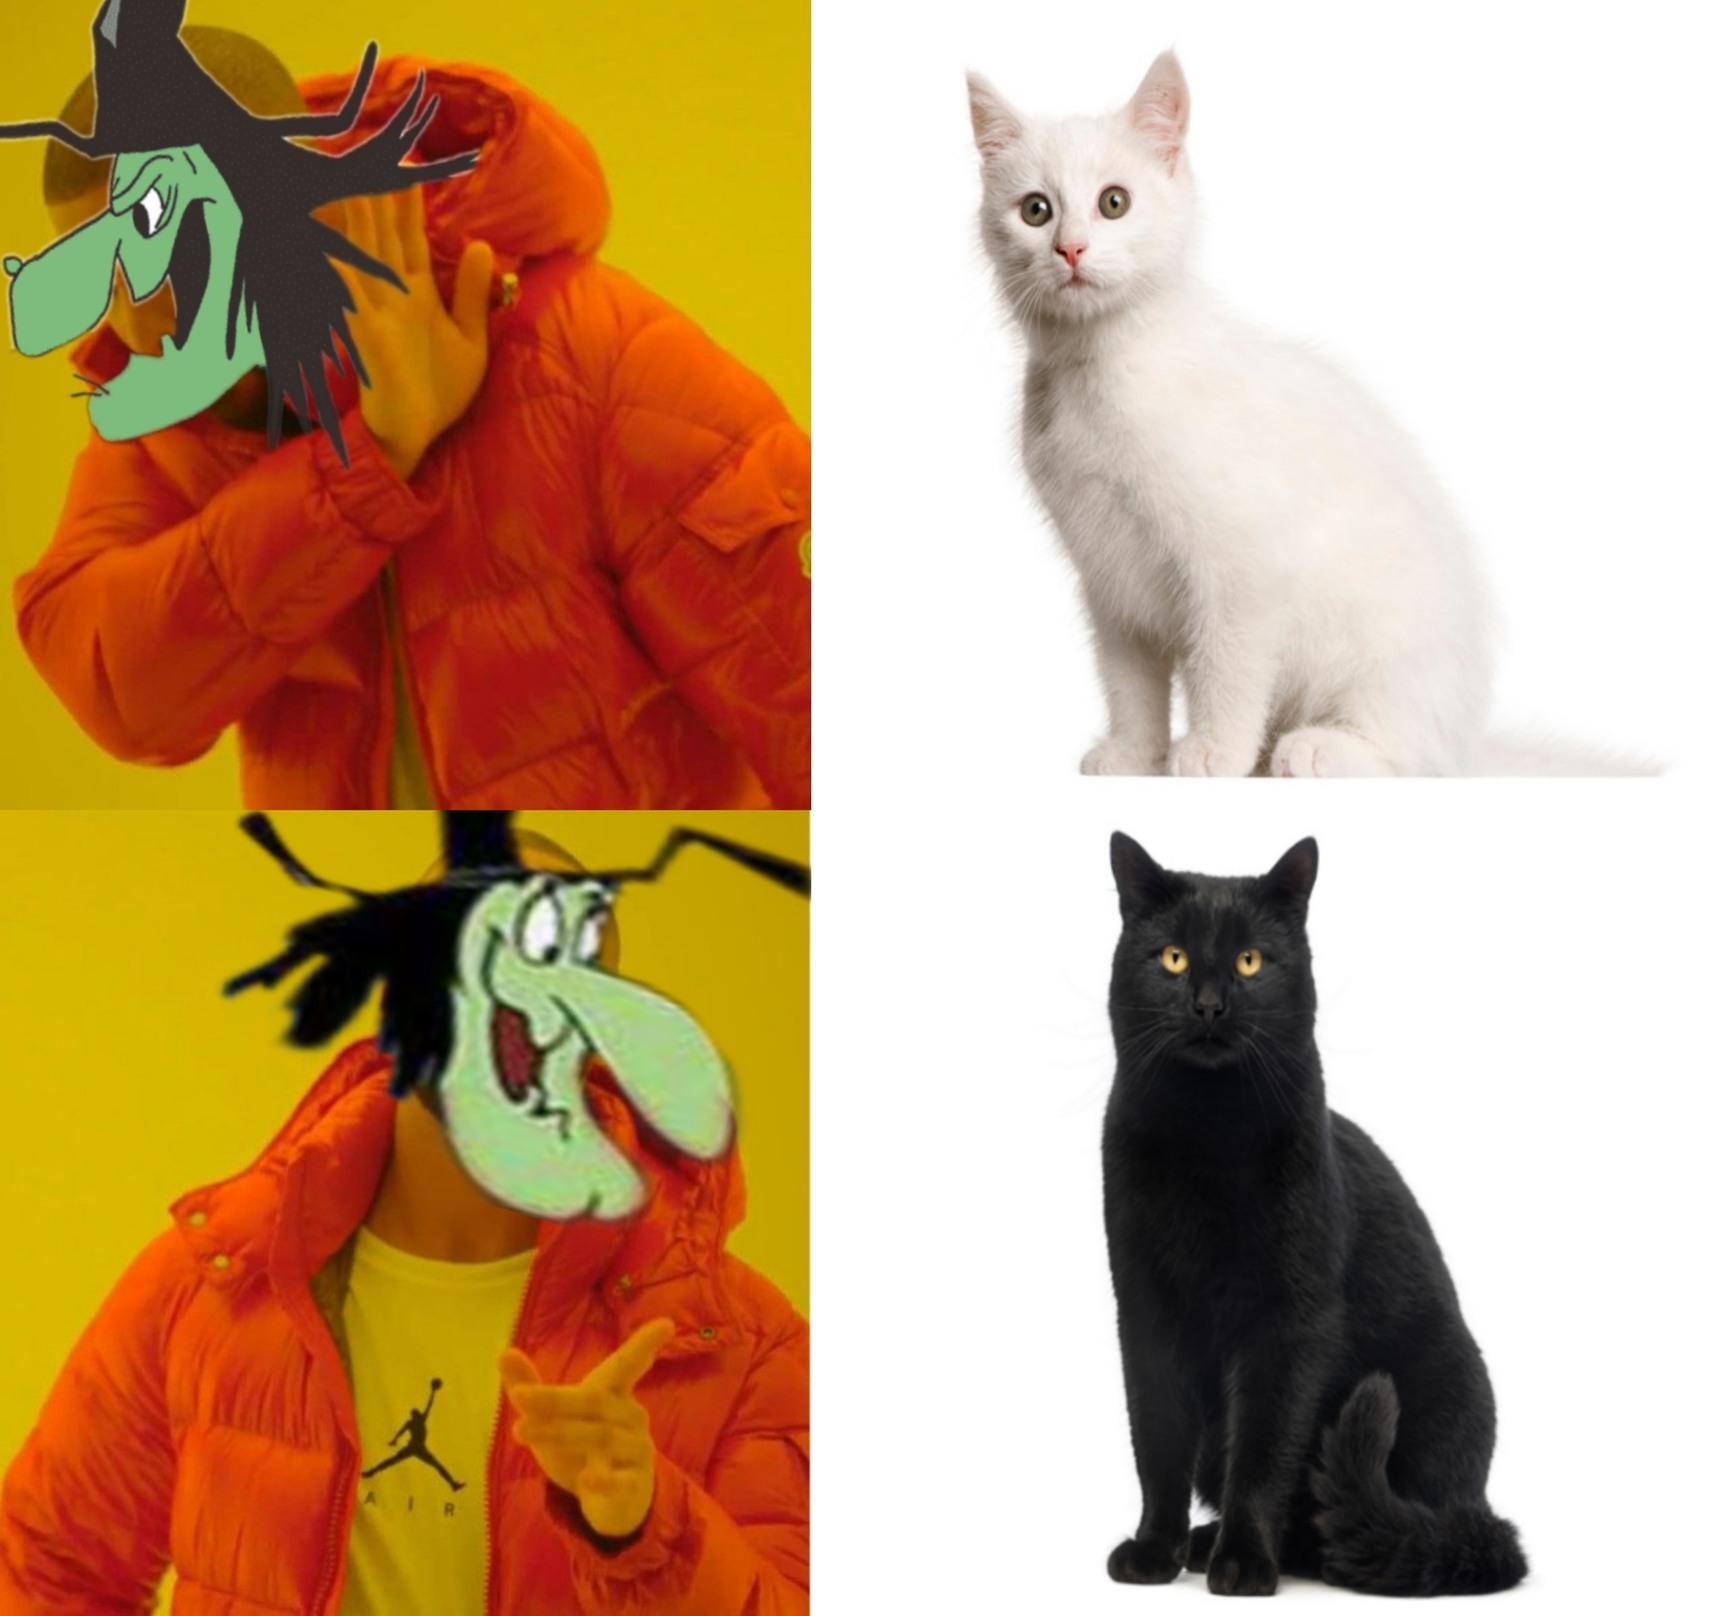 Brujas - meme